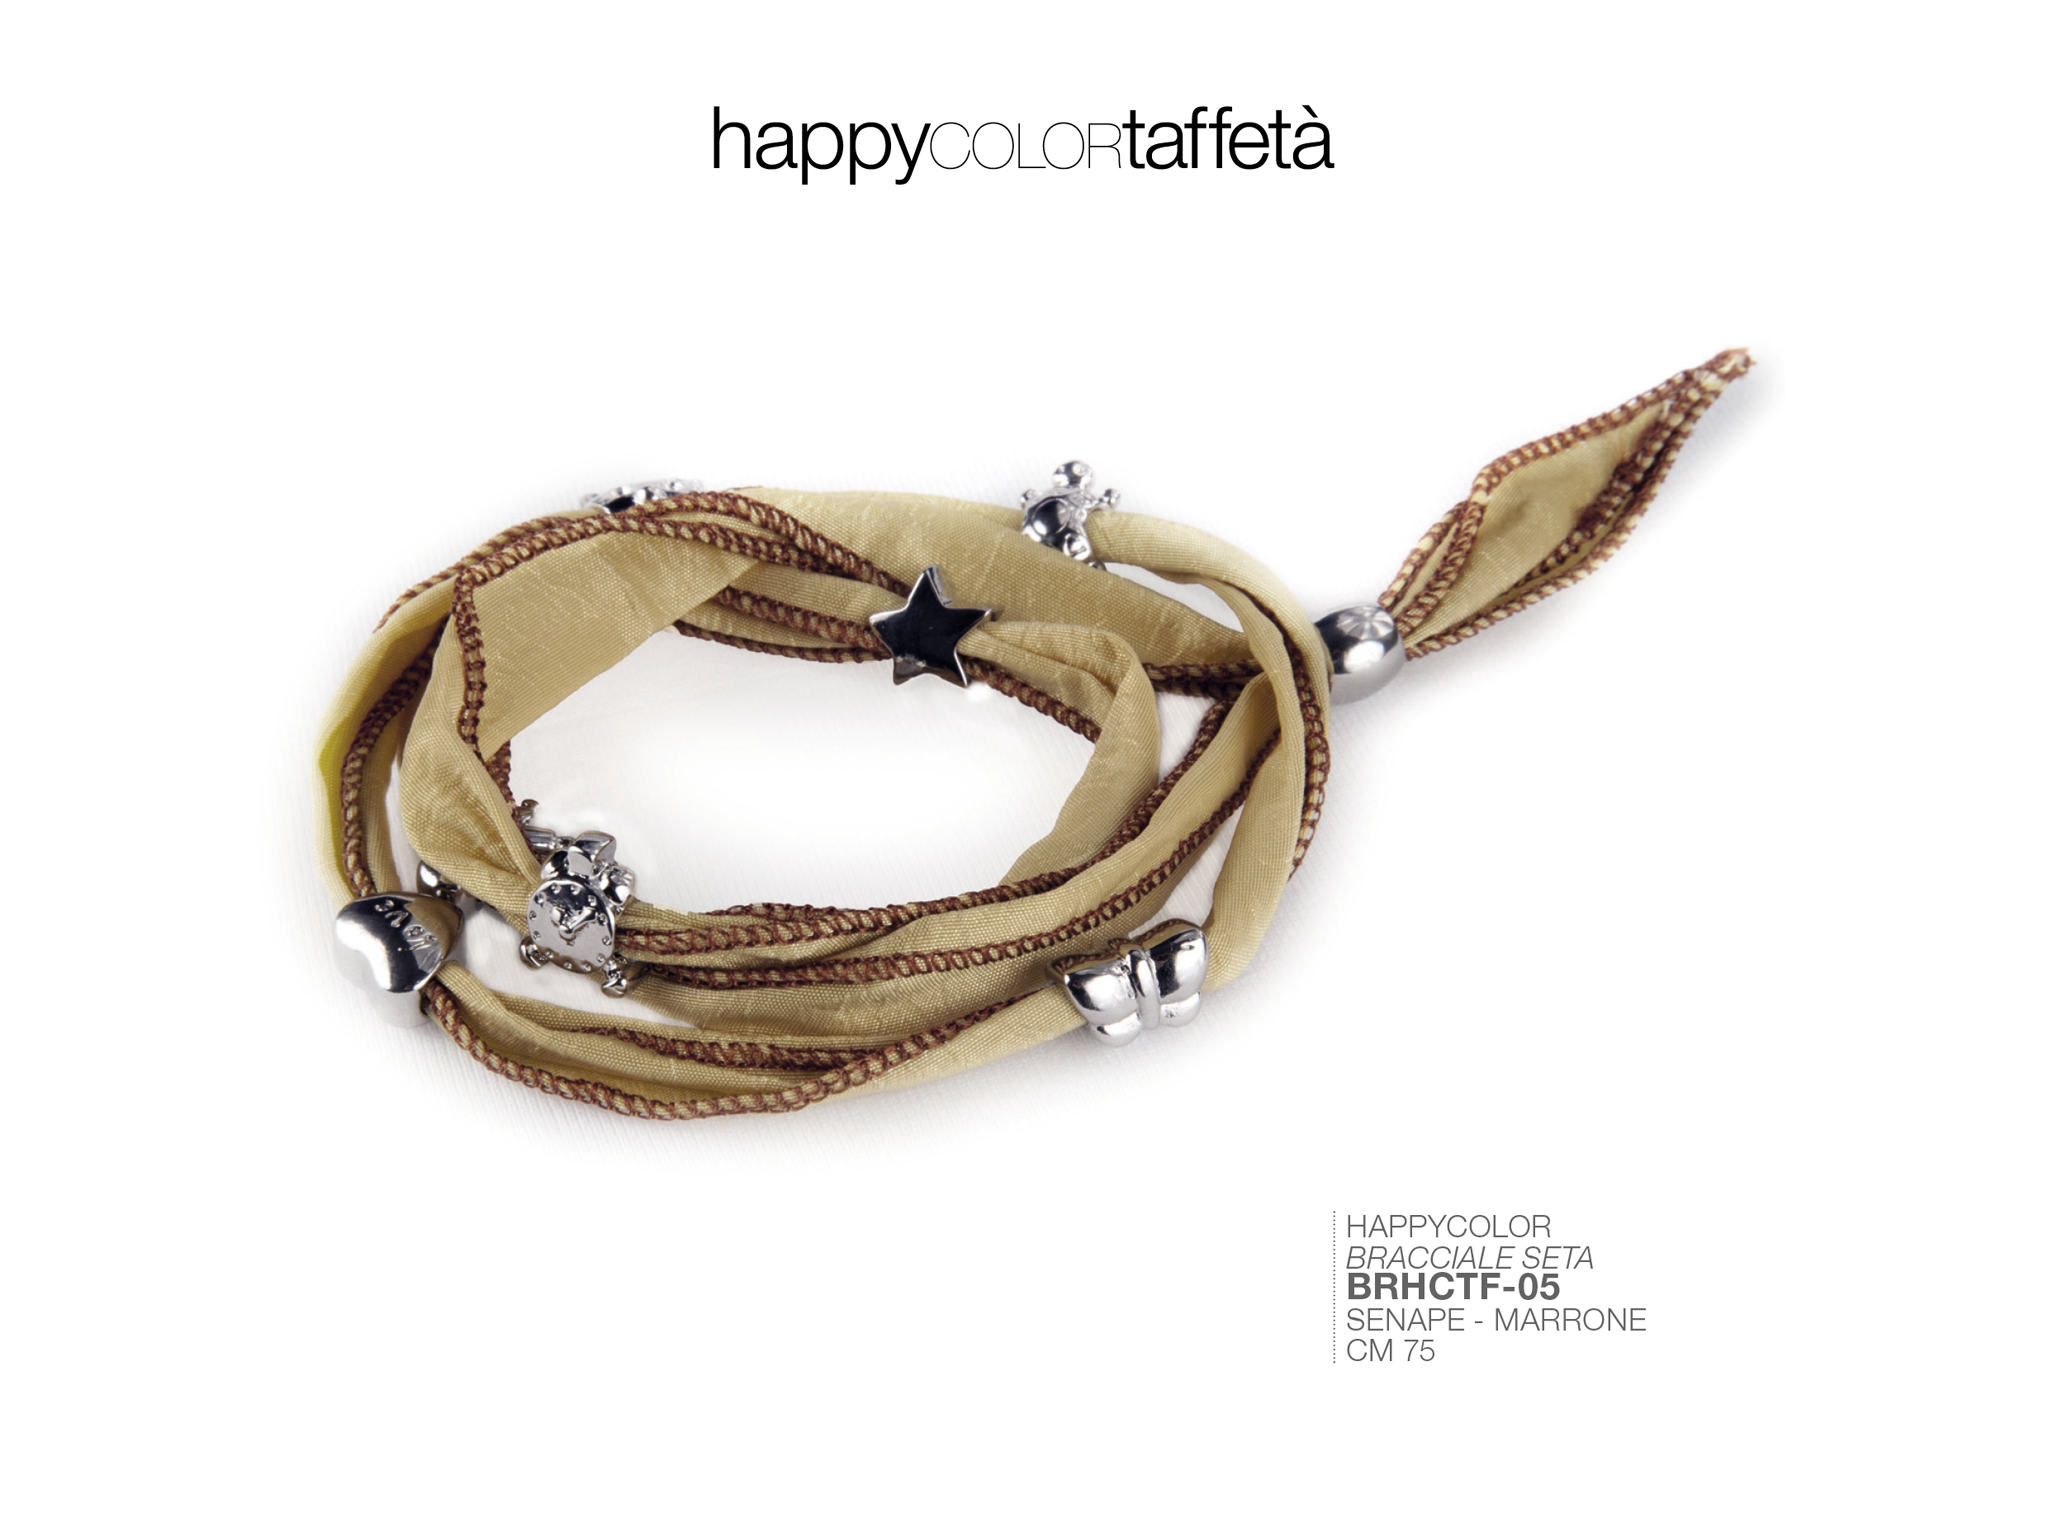 happycolor_taffeta_pagina_6_app